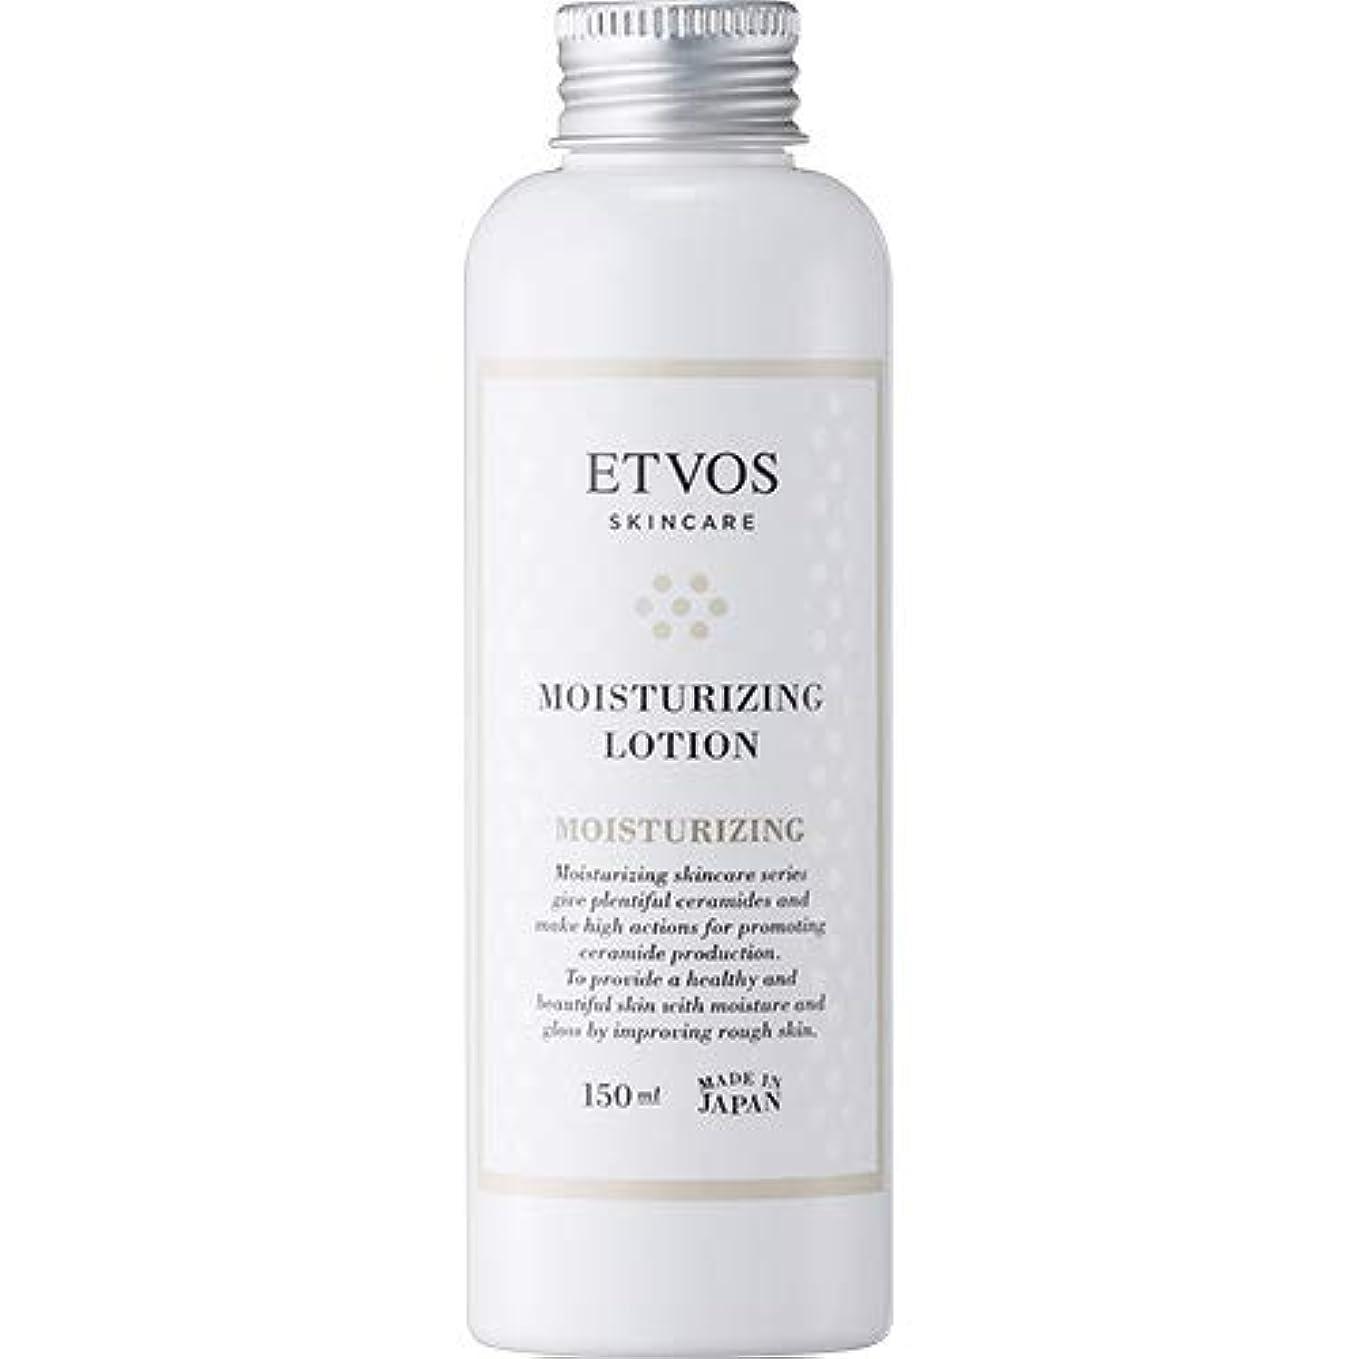 愛撫使い込む消化ETVOS(エトヴォス) 保湿化粧水 モイスチャライジングローション 150ml セラミド 乾燥肌 パラベンフリー